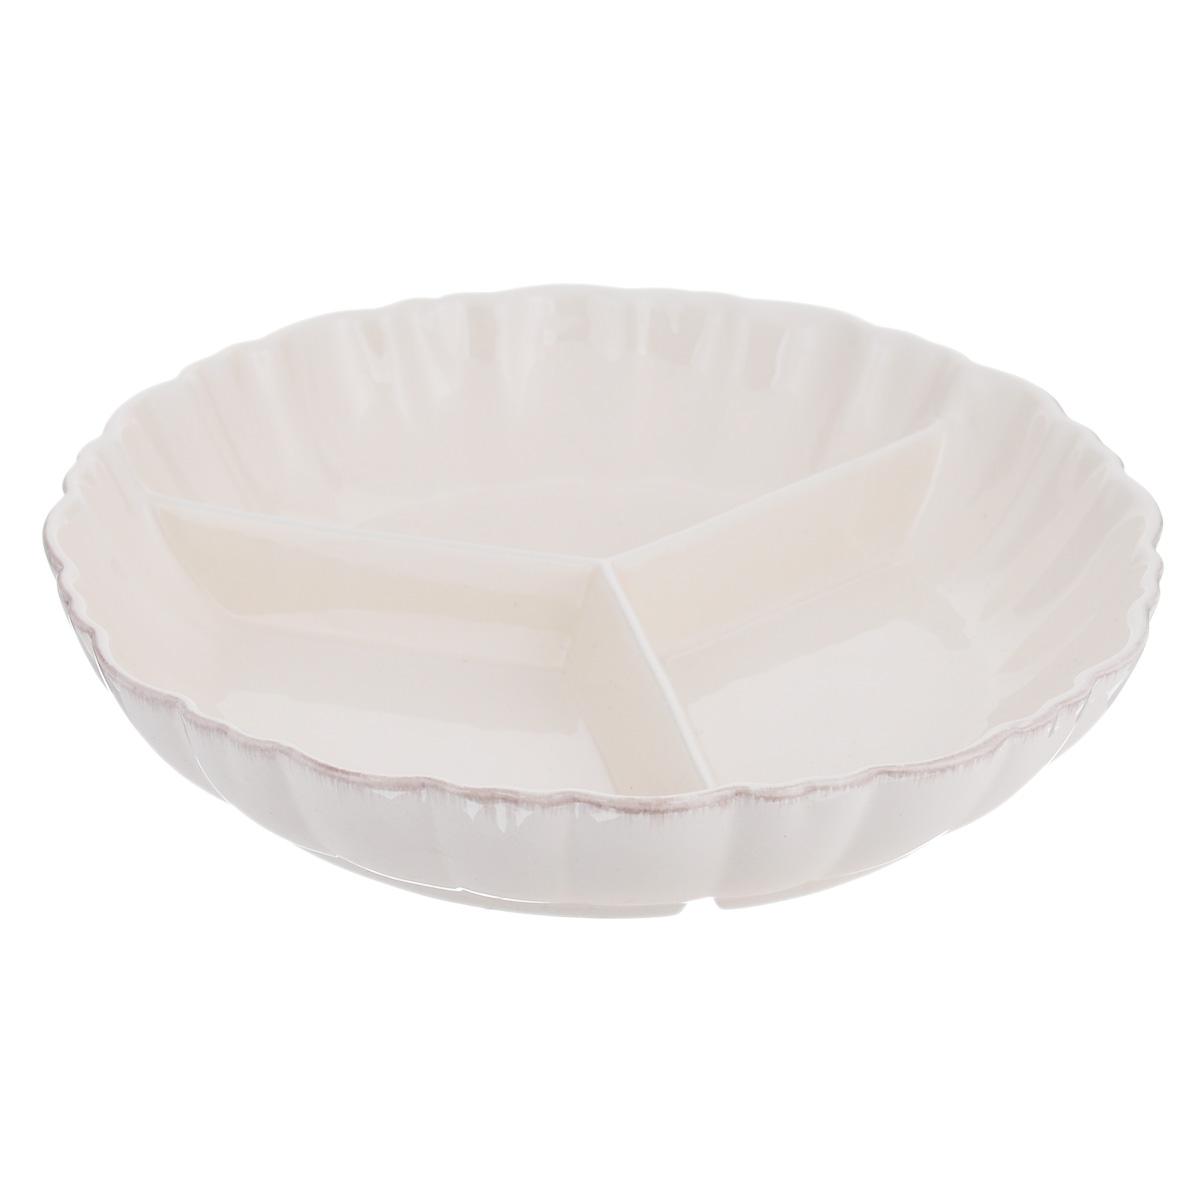 Менажница Lillo Ideal, цвет: молочный, 3 секции. 214948115510Изящная менажница Lillo Ideal, выполненная из керамики, состоит из трех секций. Изделие оснащено рельефными волнистыми стенками. Некоторые блюда можно подавать только в менажнице, чтобы не произошло смешение вкусовых оттенков гарниров. Также менажница может быть использована в качестве посуды для нескольких видов салатов или закусок. Менажница Lillo Ideal станет замечательной деталью сервировки и великолепным украшением праздничного стола.Можно использовать в посудомоечной машине и микроволновой печи. Диаметр менажницы: 23 см.Размер секции менажницы: 17 см х 11 см.Высота стенки менажницы: 4,5 см.